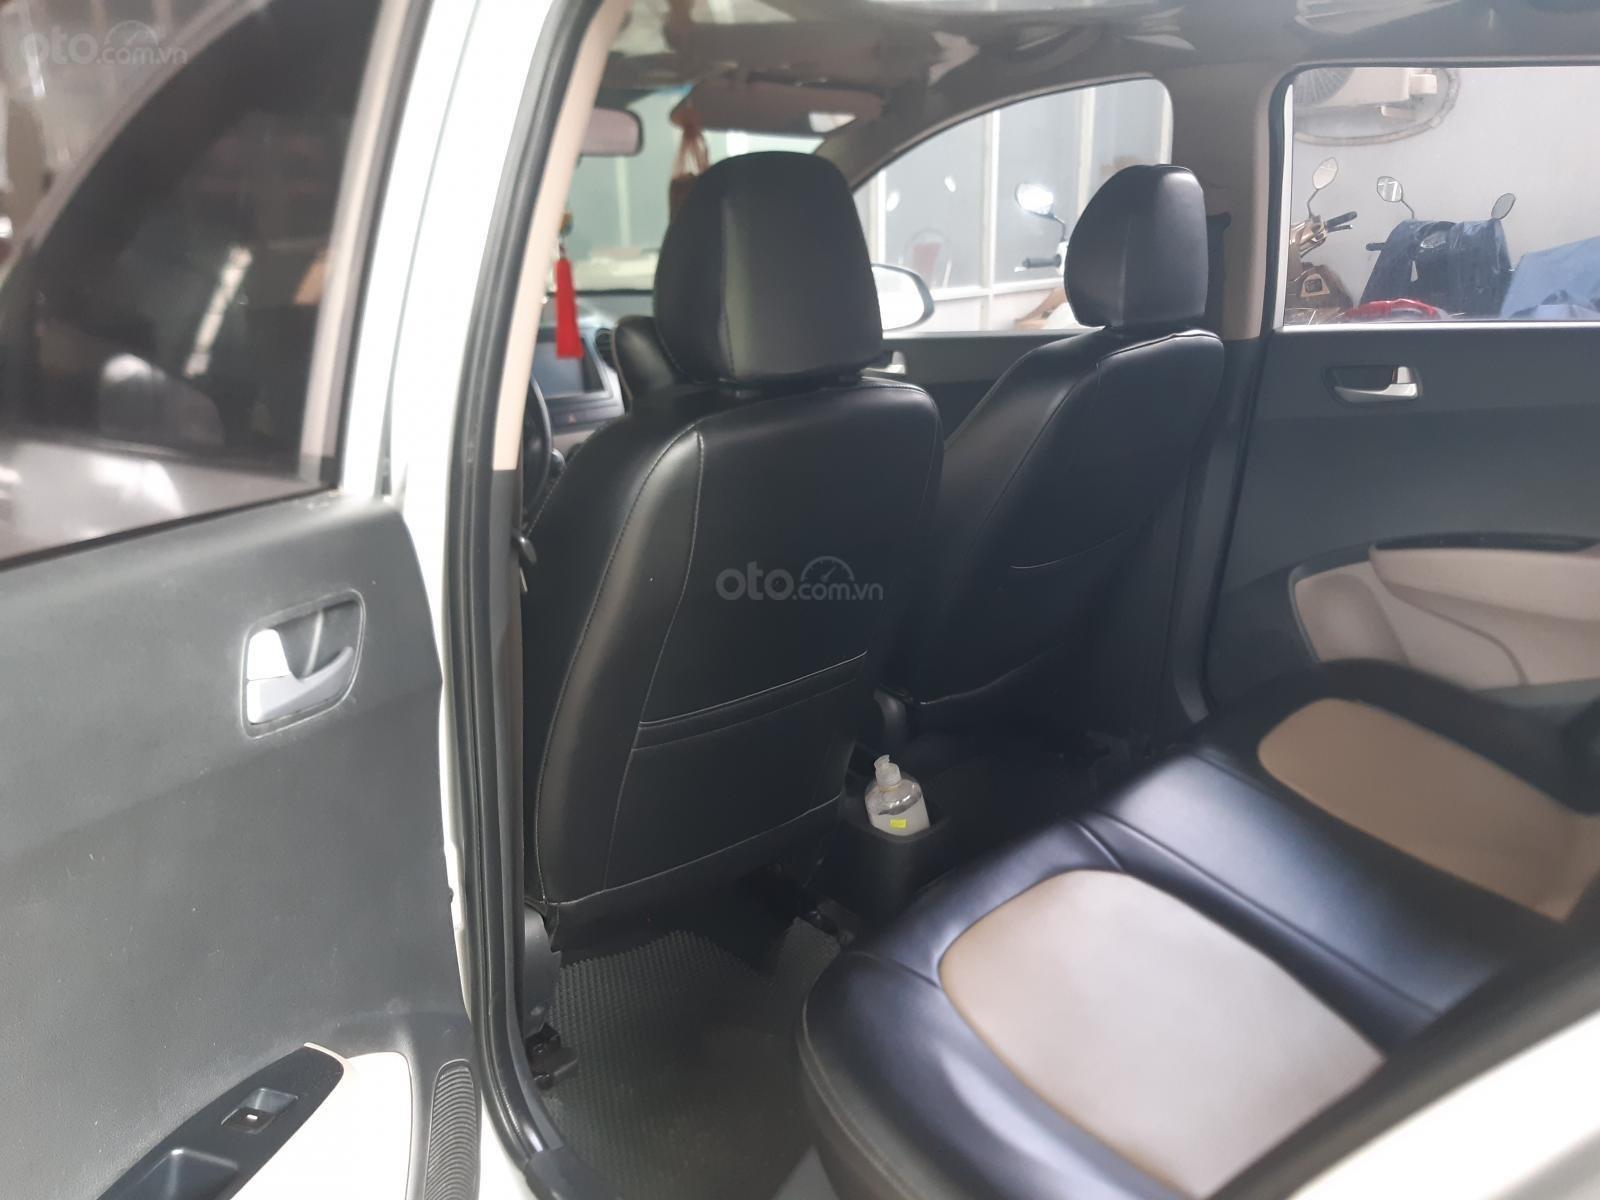 Bán Hyundai Grand i10 9/2017, một chủ mua mới từ đầu (5)